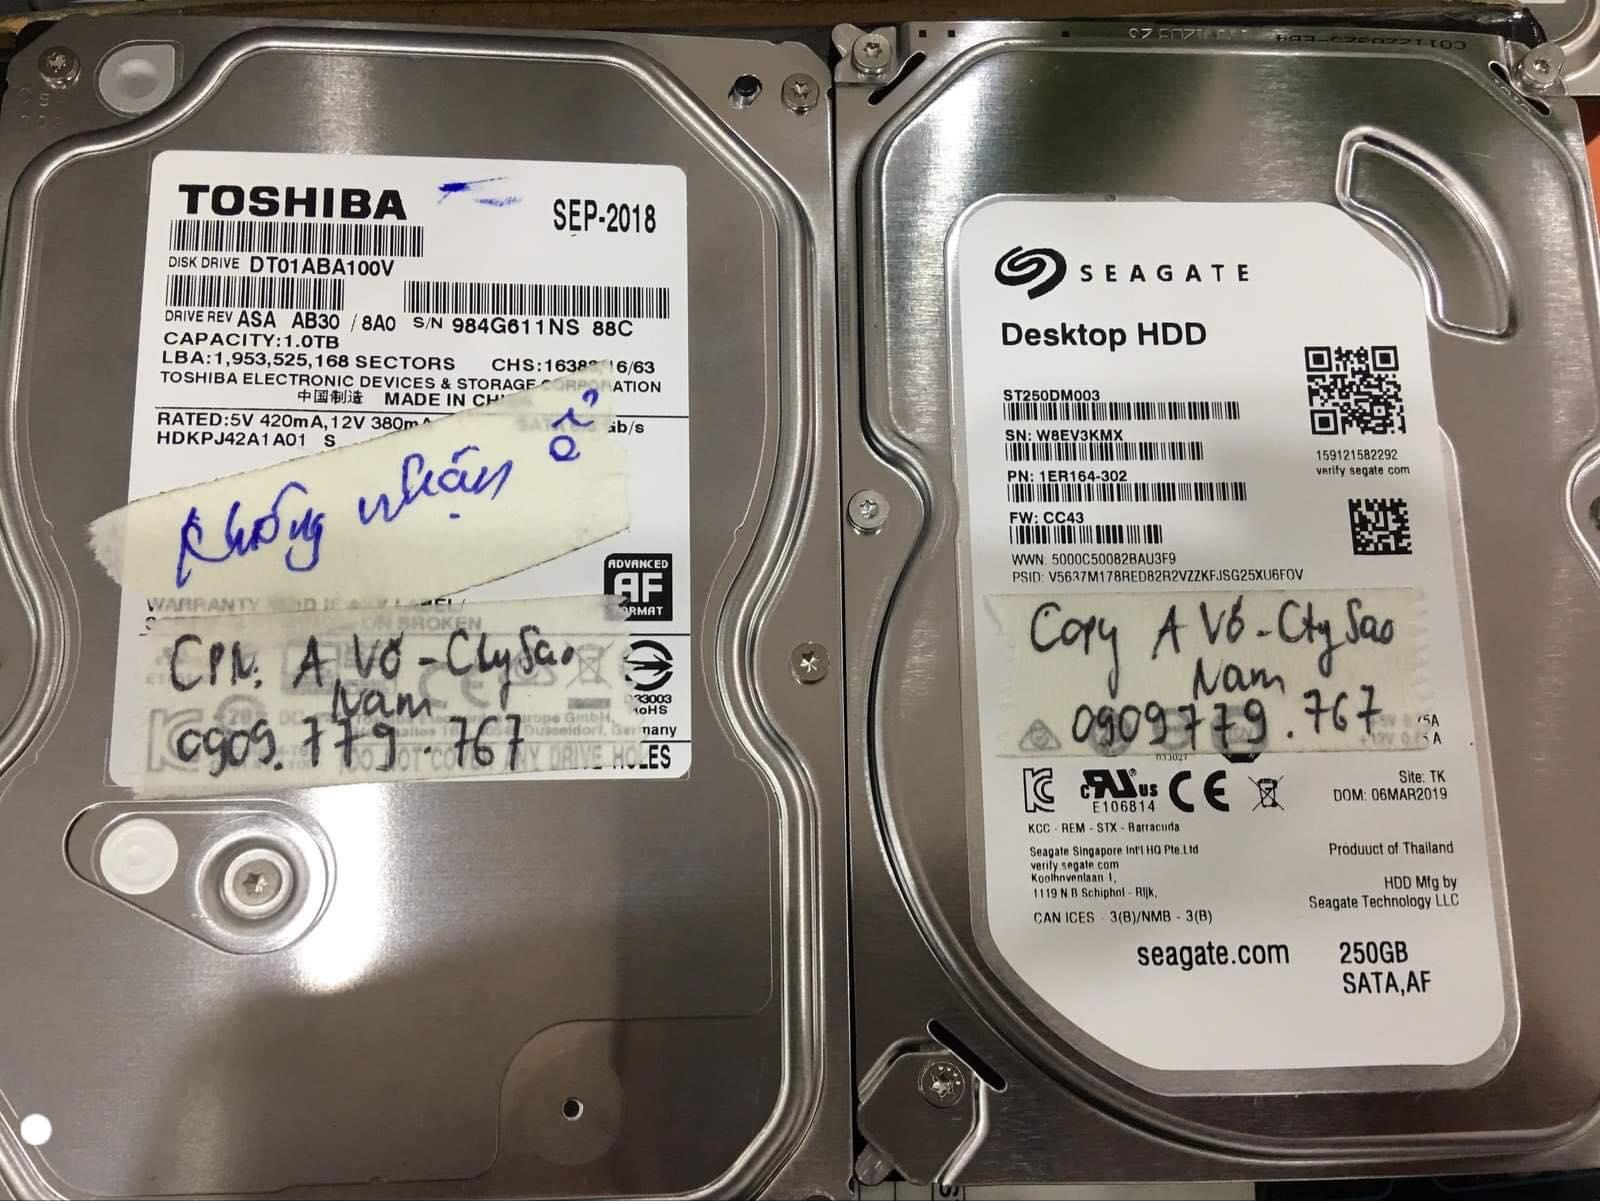 Lấy dữ liệu ổ cứng Toshiba 1TB không nhận tại Thái Bình 30/11/2019 - cuumaytinh